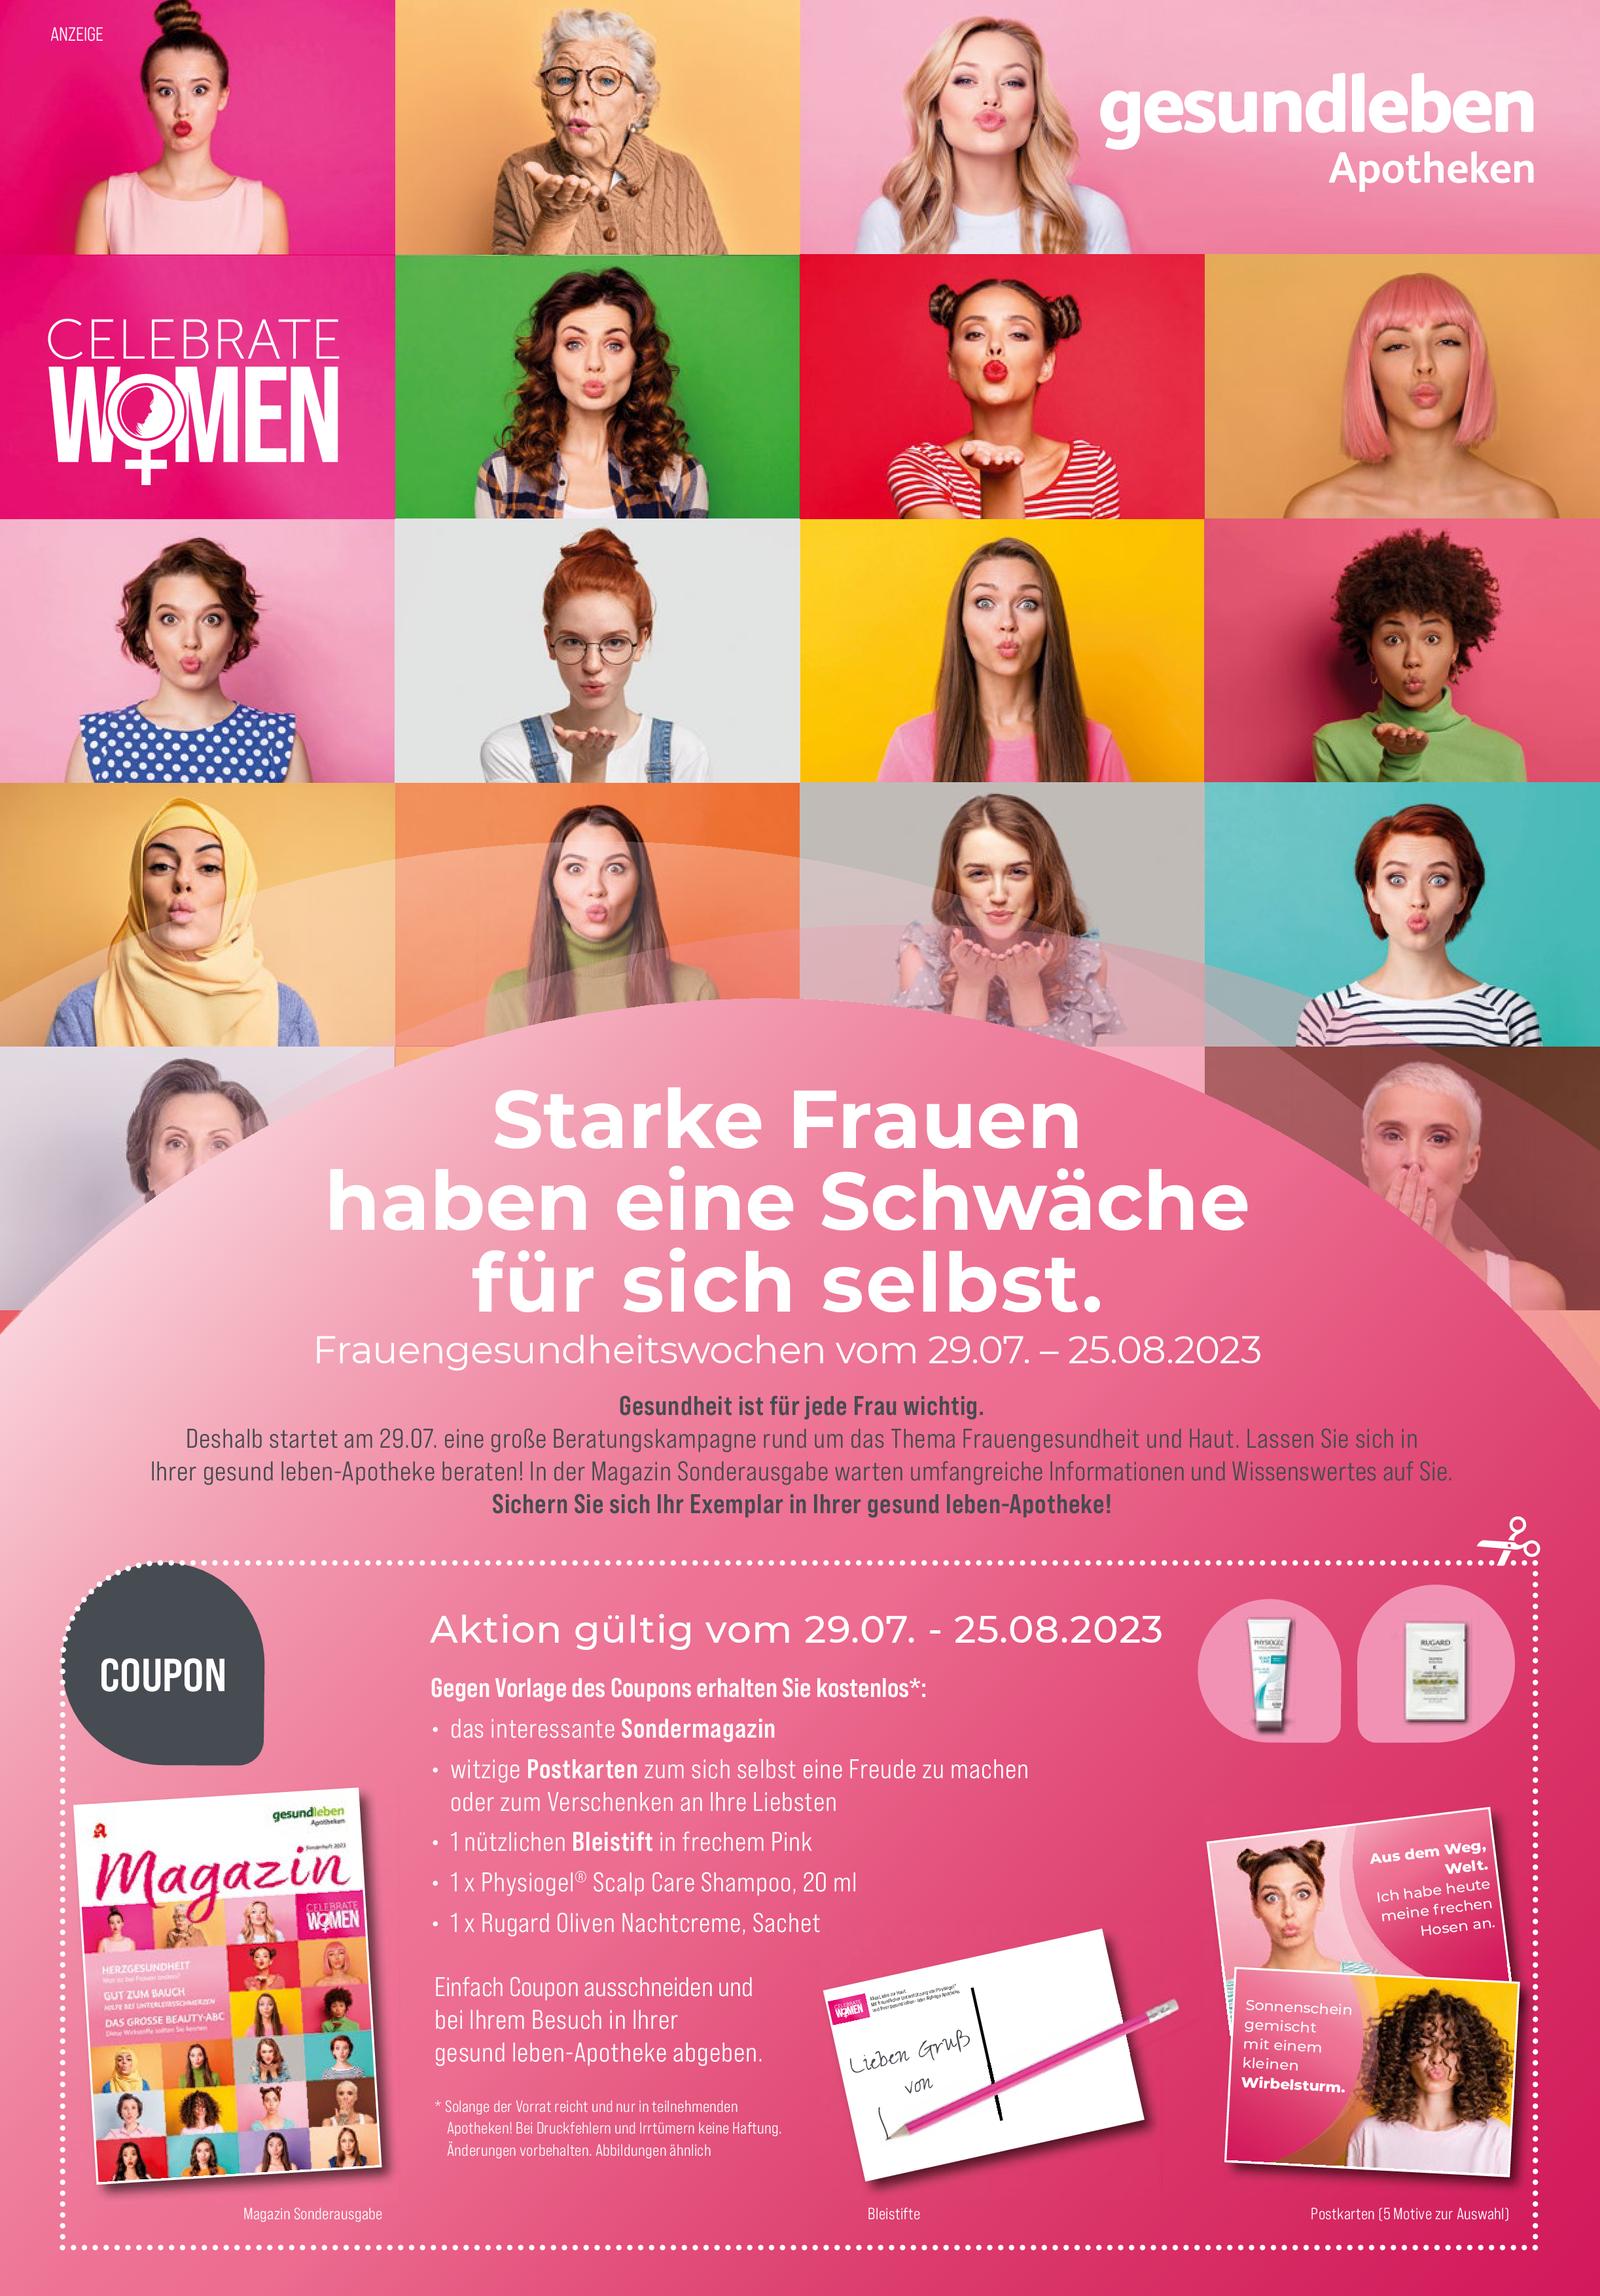 https://mein-uploads.apocdn.net/5790/leaflets/gesundleben_hoch-Seite5.png